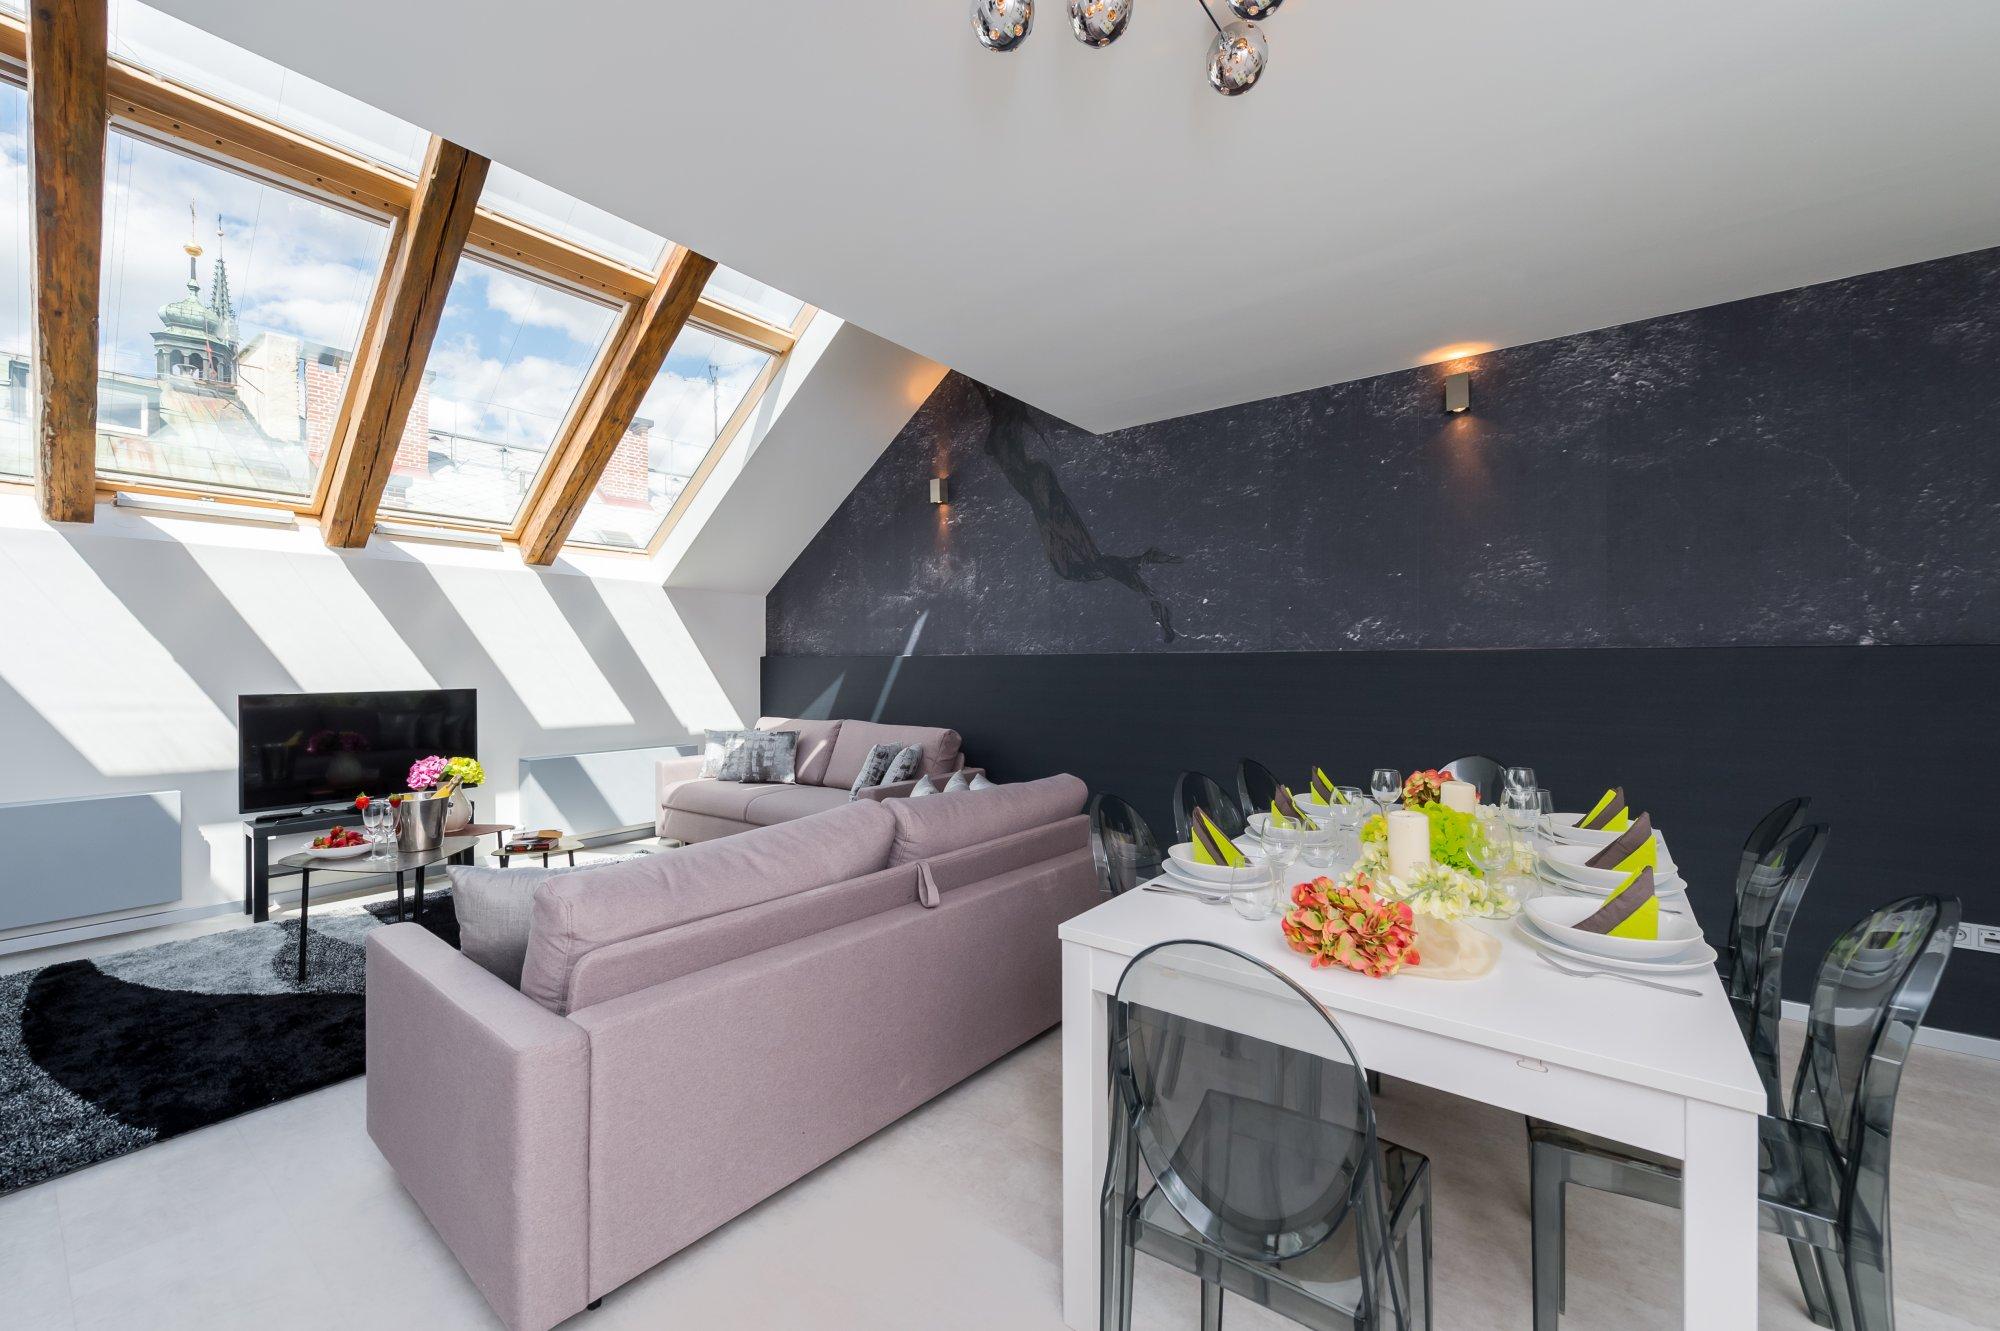 Půdní byt 5+kk, plocha 132 m², ulice U Půjčovny, Praha 1 - Nové Město | 2